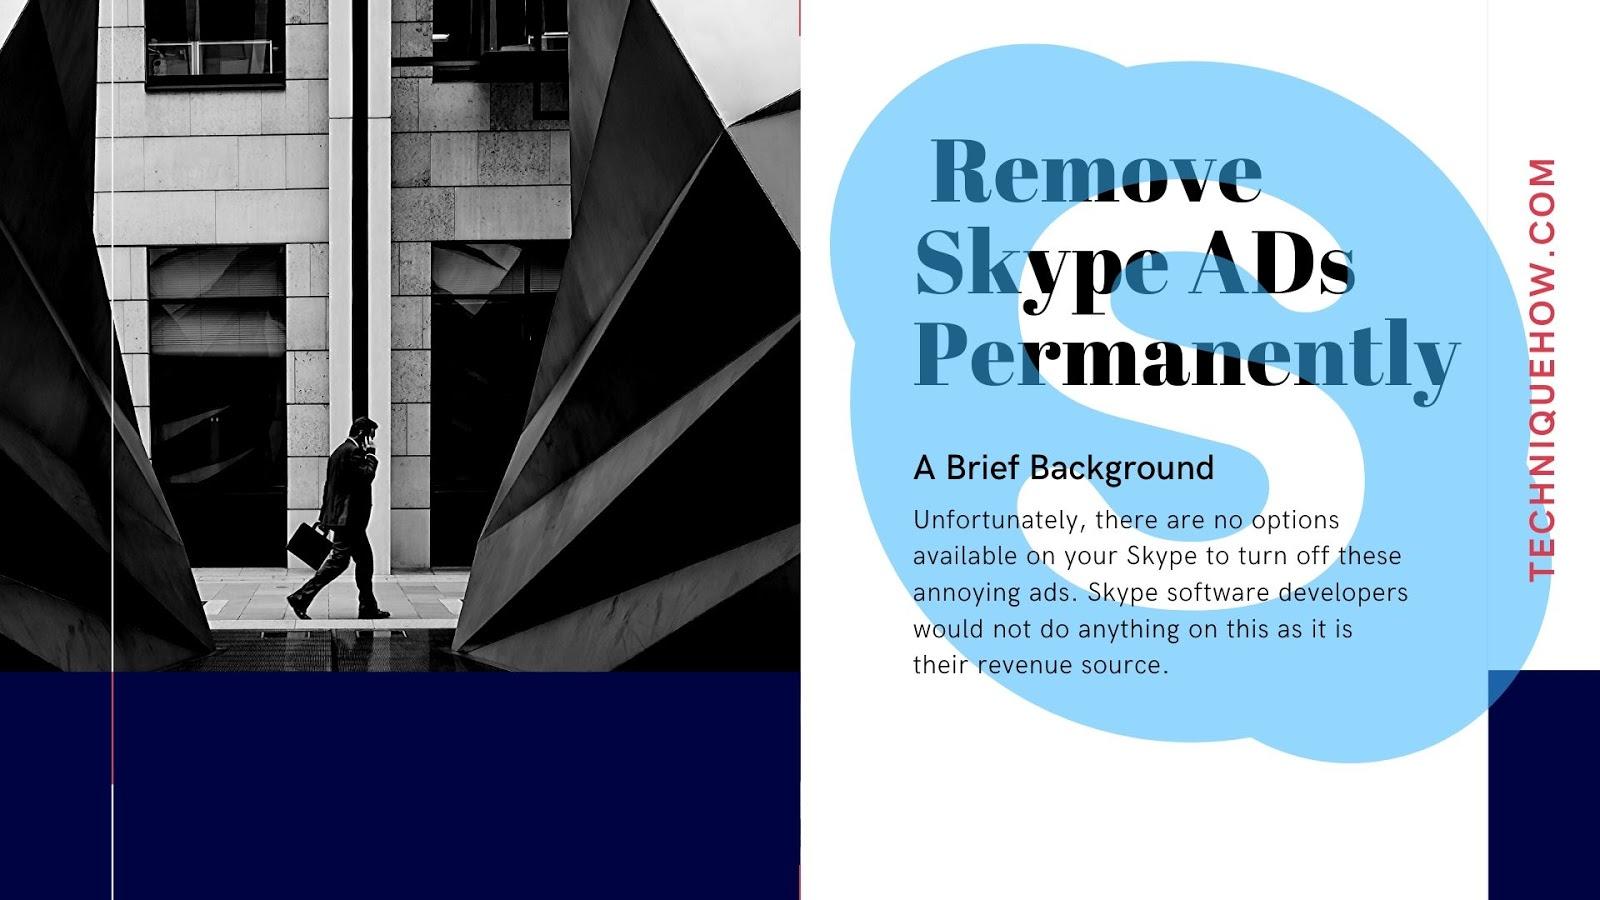 Remove Skype Ads